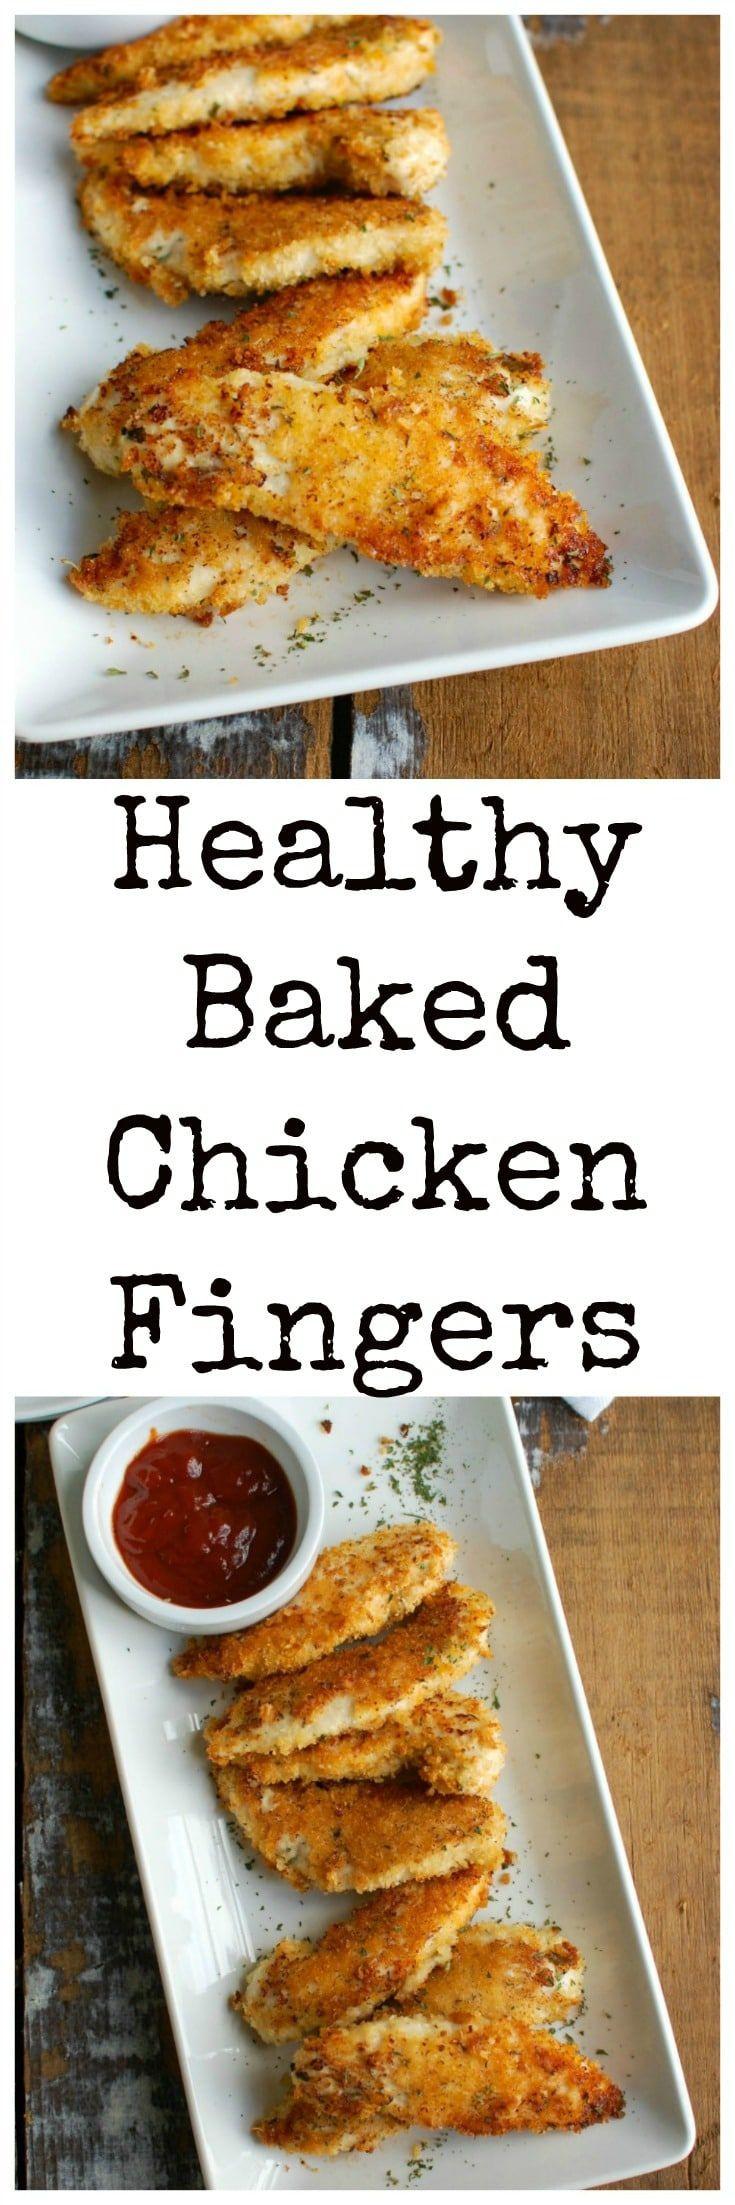 Healthy Oven Baked Chicken Recipes  De 25 bedste idéer inden for Chicken finger recipes på